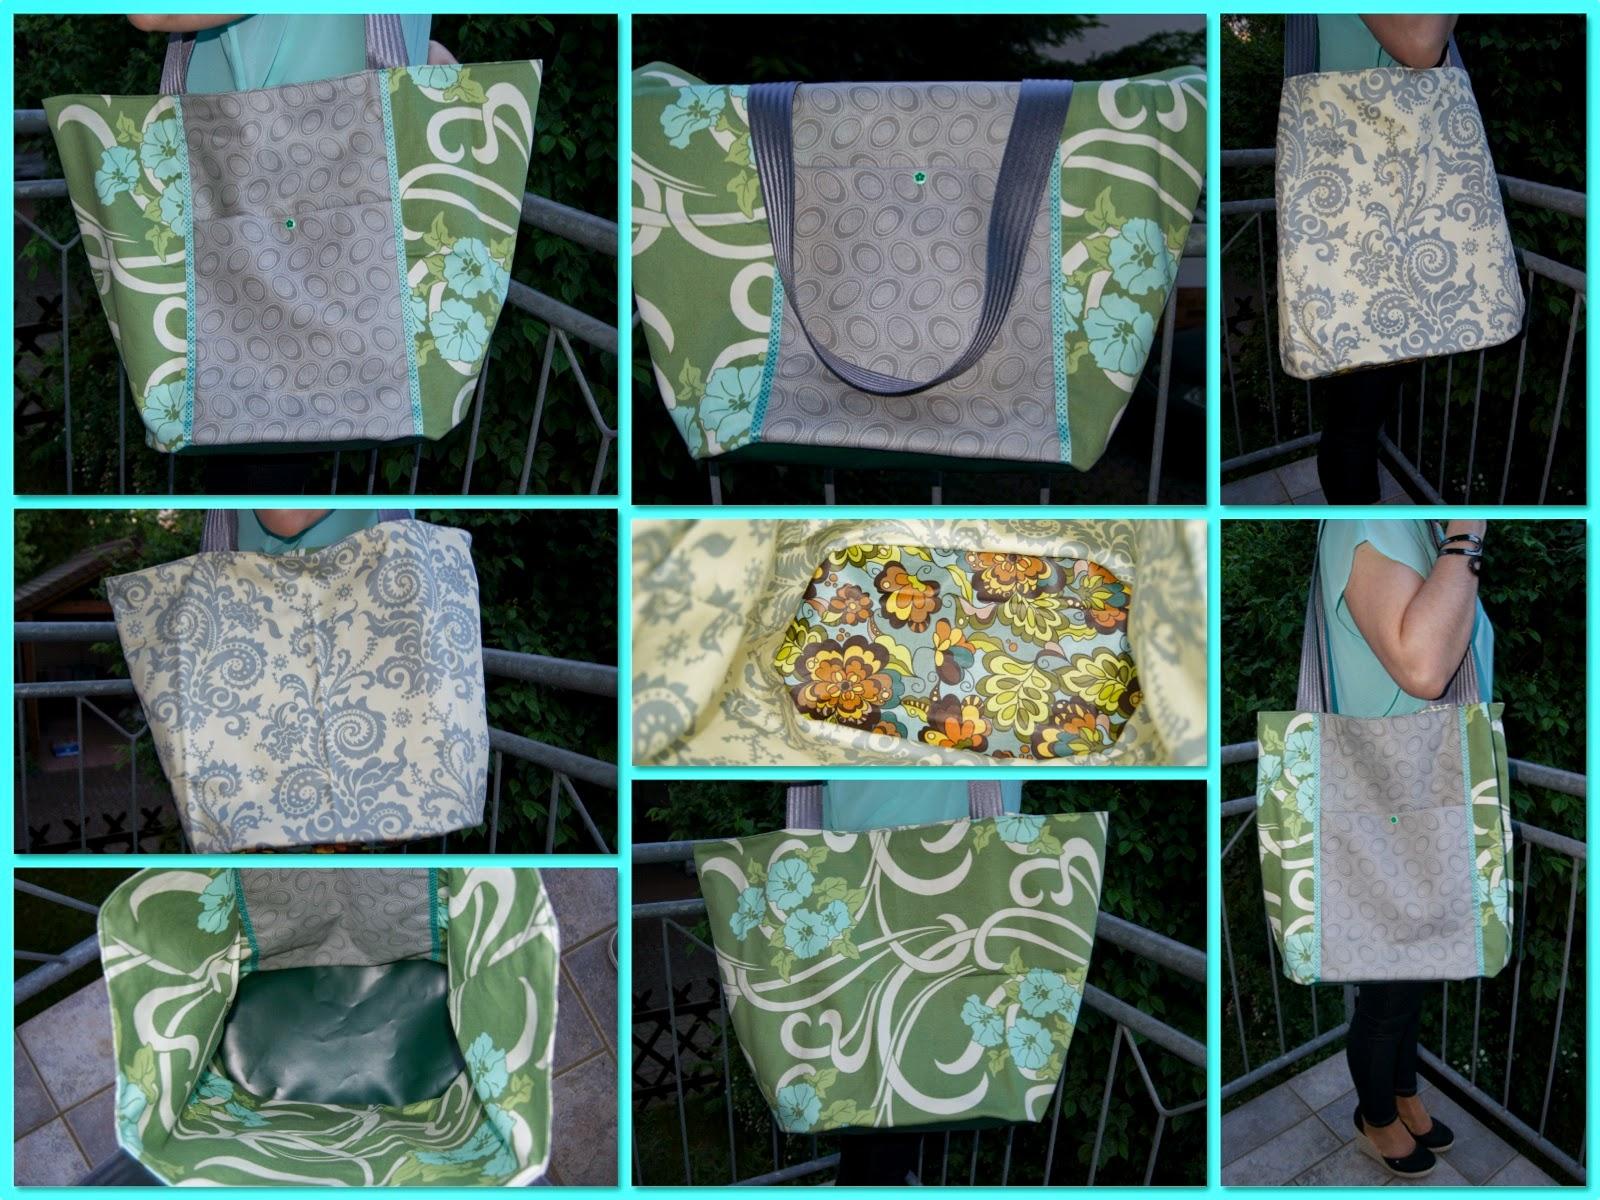 Taschenspieler II Sew Along - Markttasche